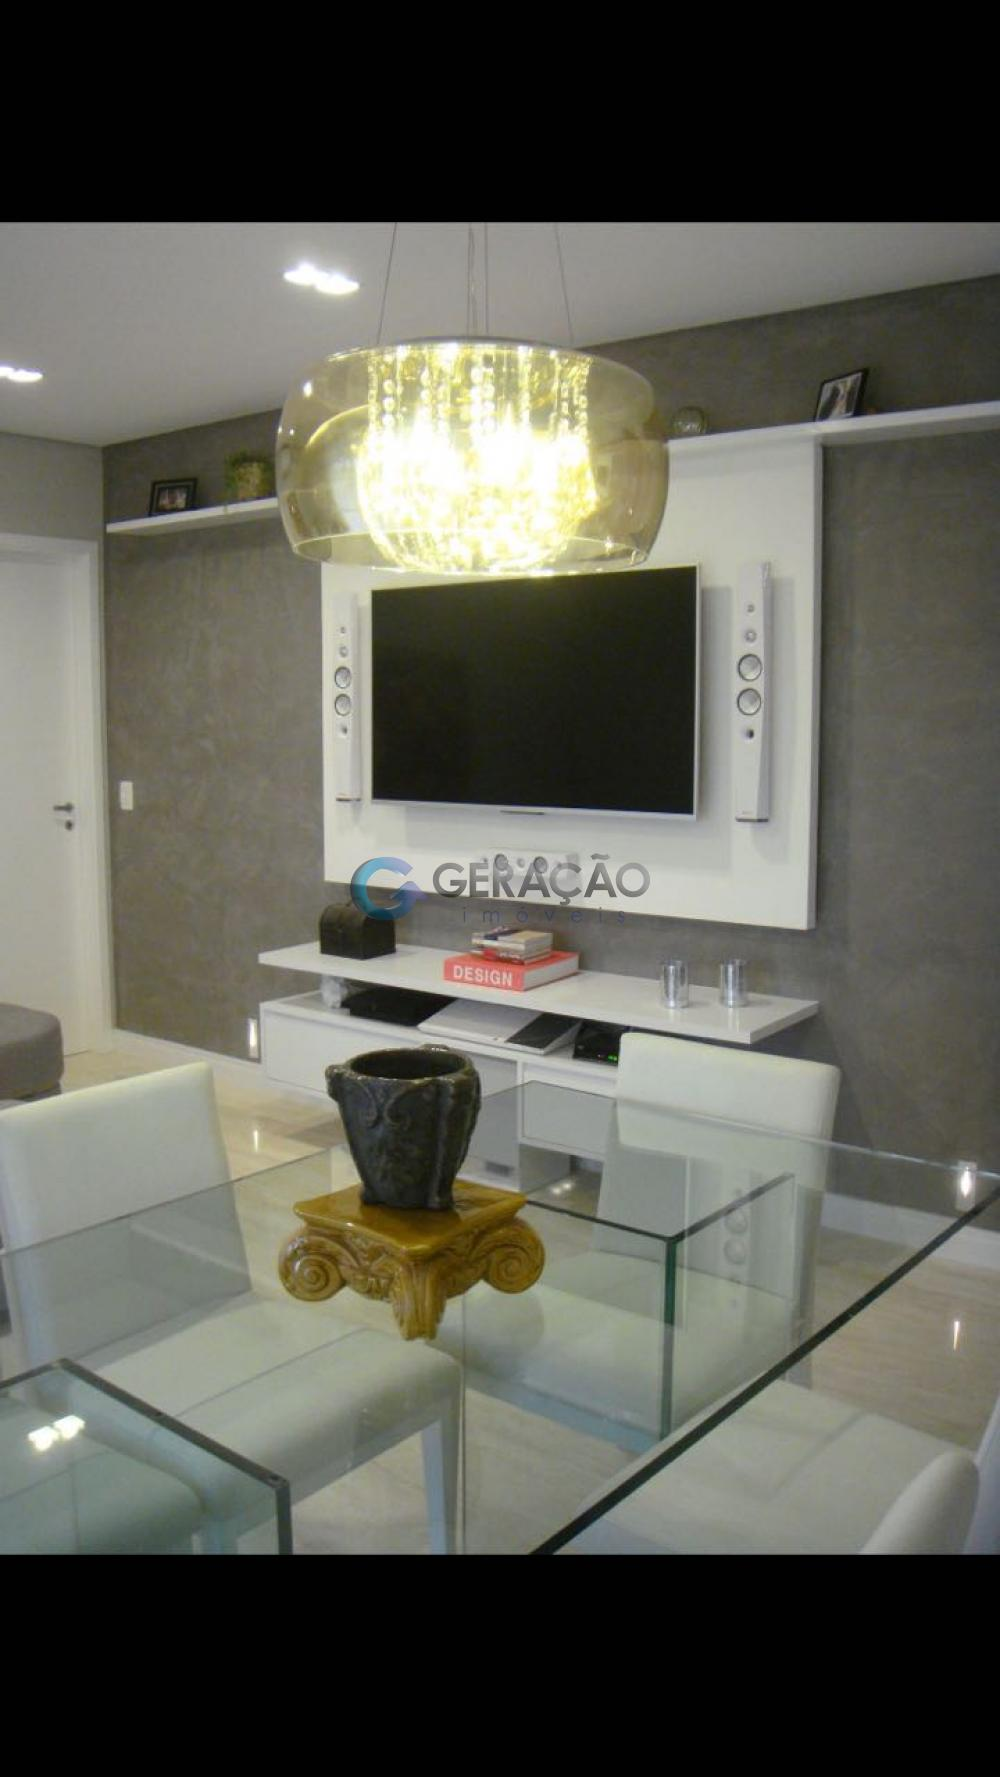 Comprar Apartamento / Padrão em São José dos Campos apenas R$ 870.000,00 - Foto 4